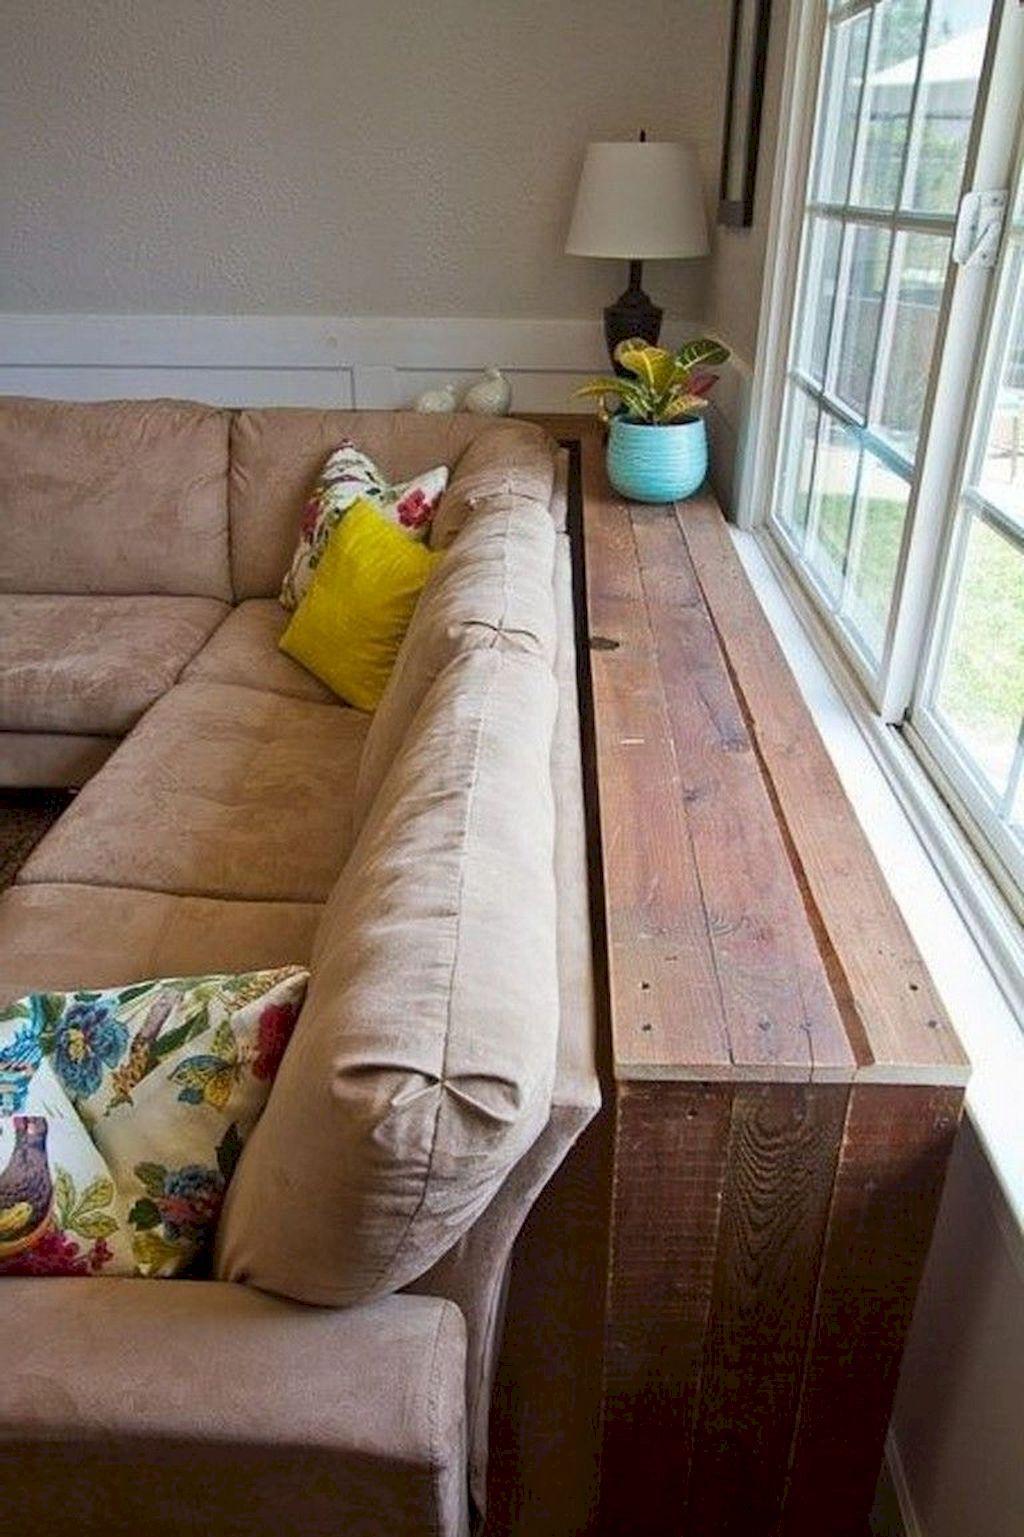 65 Cozy Modern Farmhouse Living Room Decor Ideas - Insidexterior #modernfarmhouselivingroom